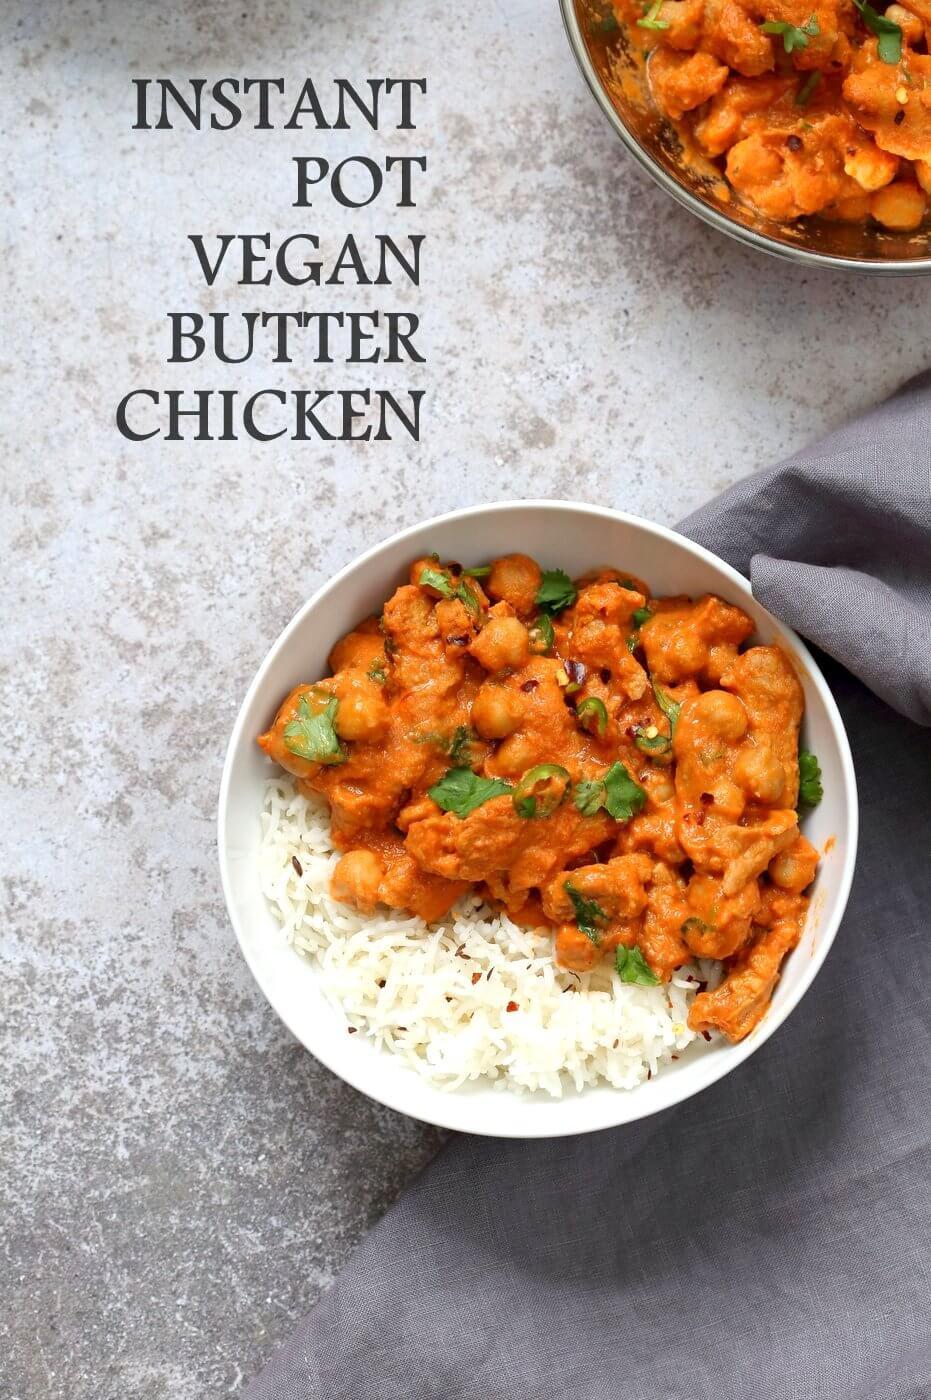 17 Easy Vegan Instant Pot Recipes You Ll Love Chooseveg